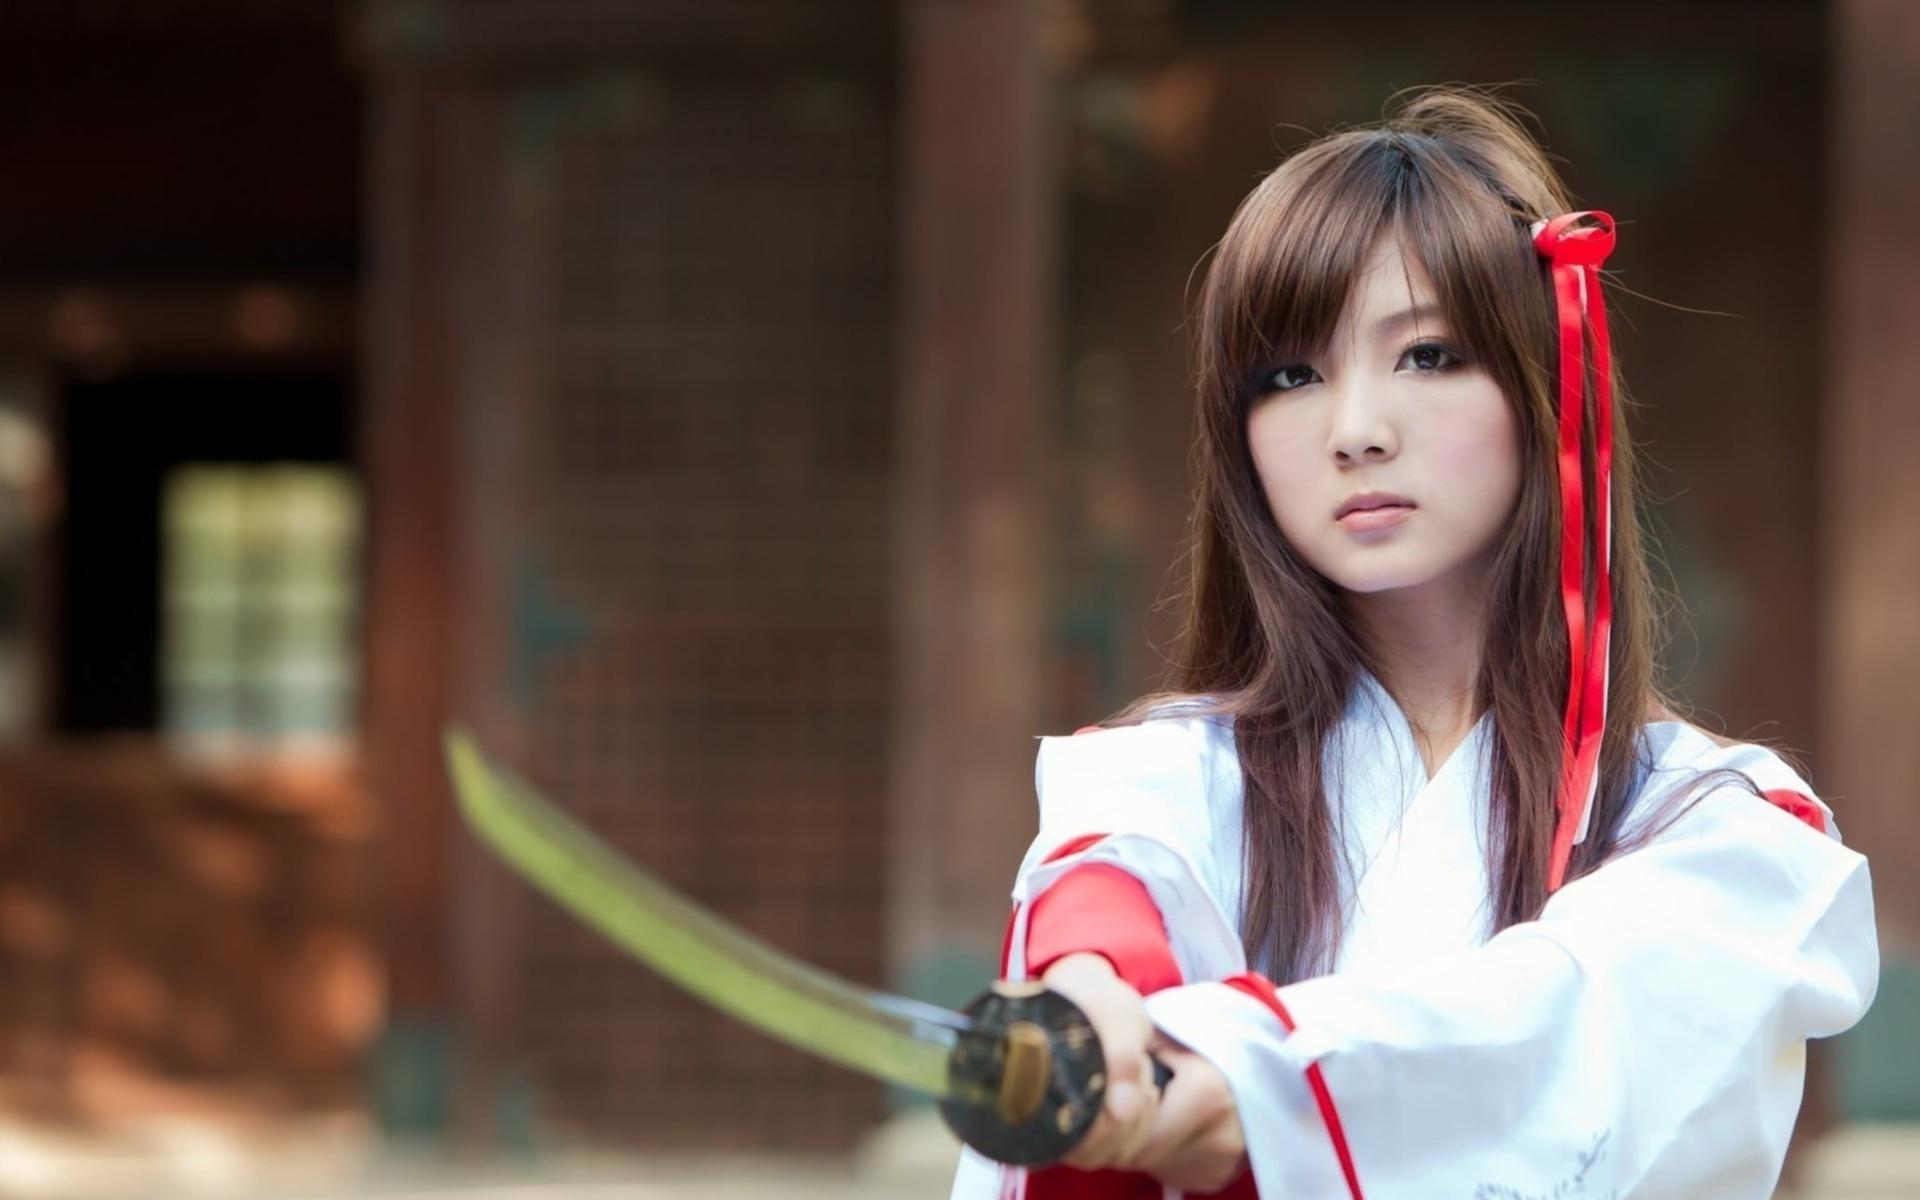 Girl With Samurai Sword